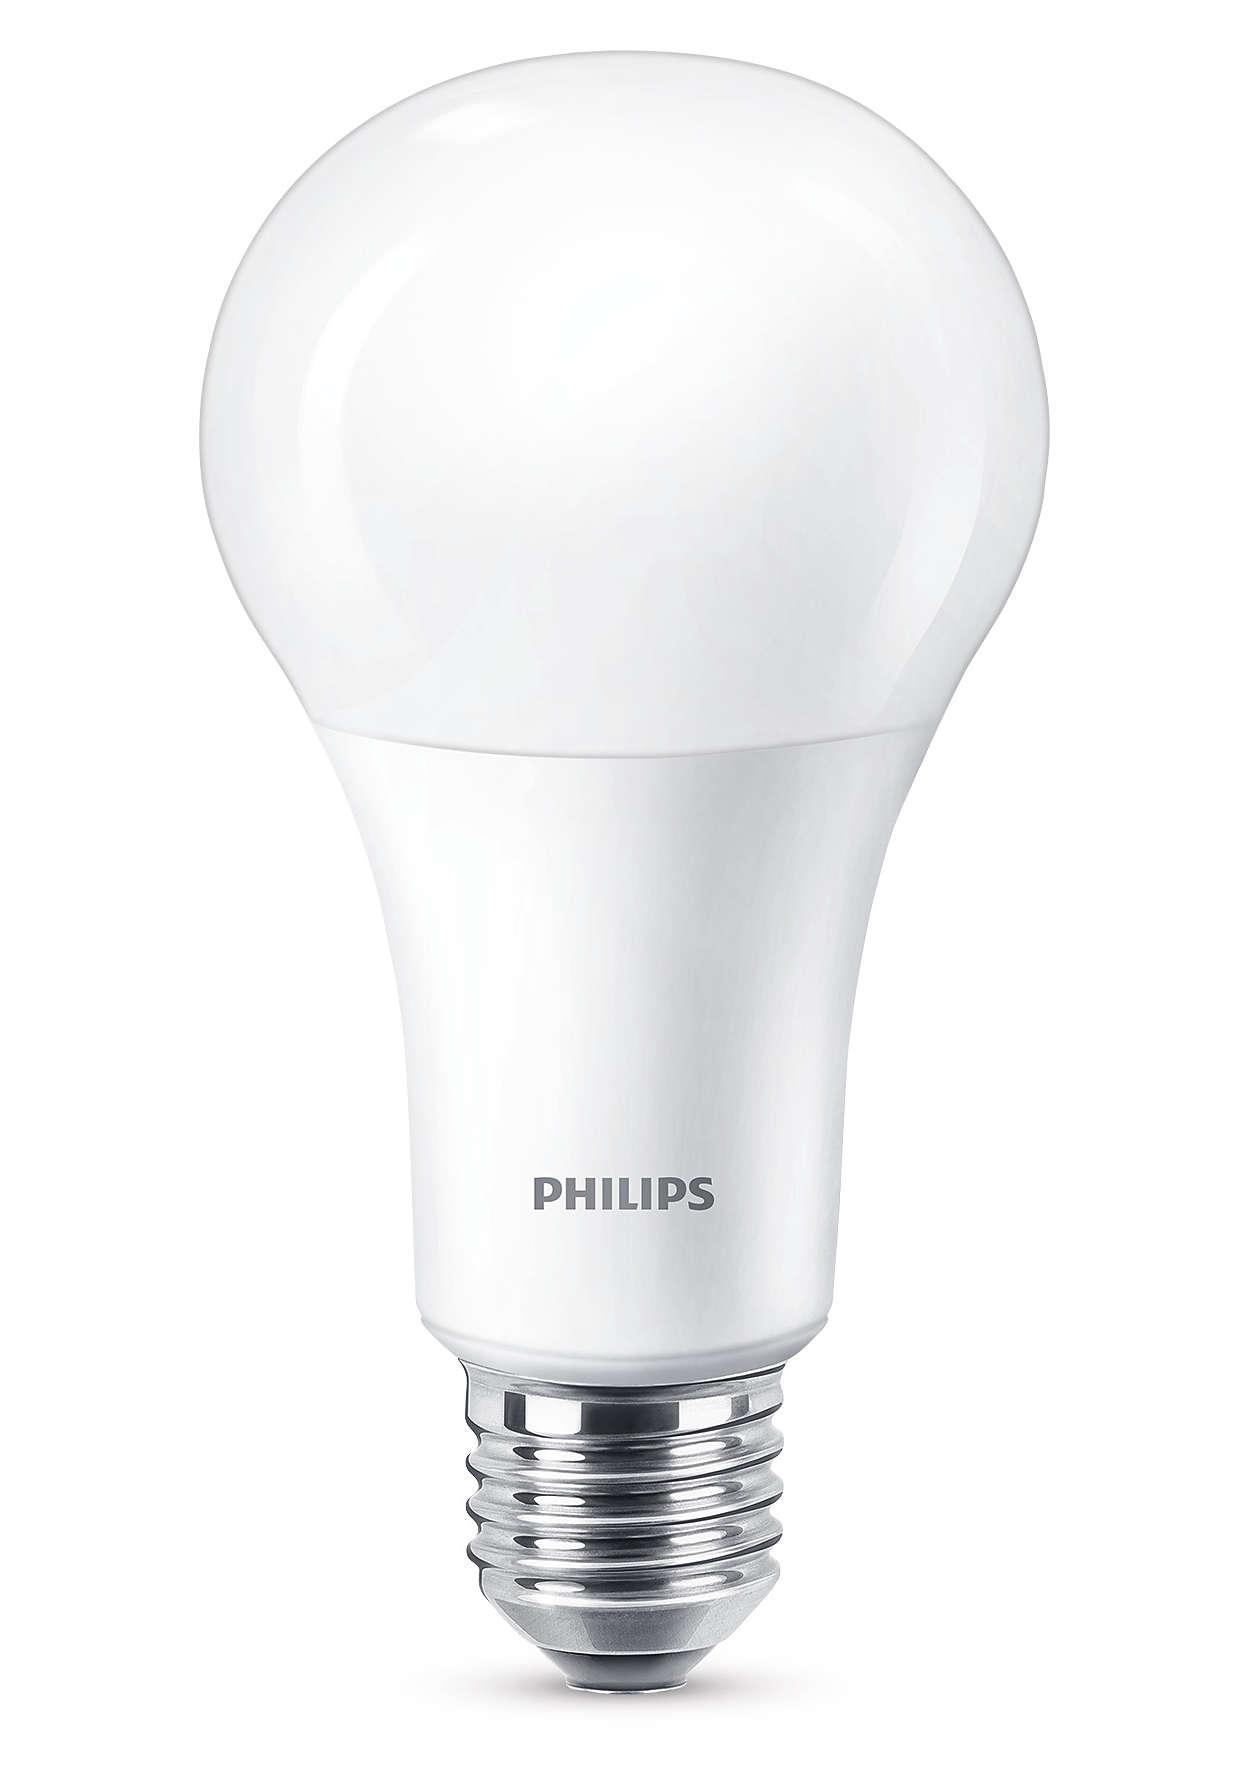 Απολαύστε ζεστό, λευκό φωτισμό LED με ροοστάτη